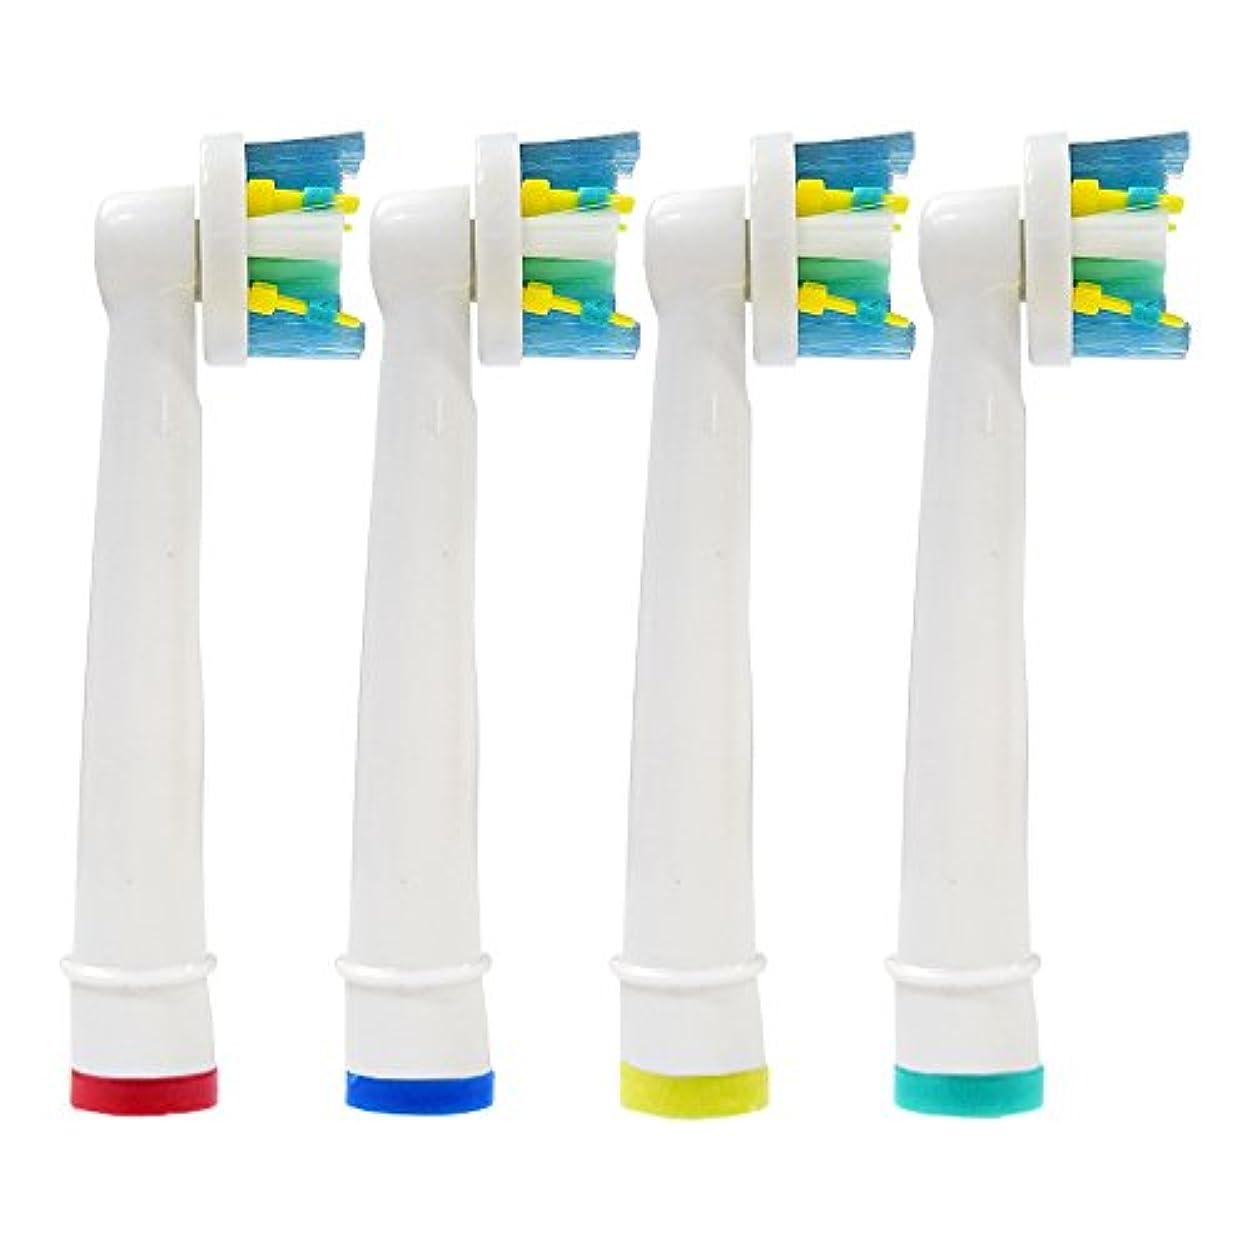 人区画紛争ブラウン オーラルB EB25-4本セット新互換替電動歯ブラシ替えブラシ 歯間ワイパー付ブラシ  お口の衛生管理:品質1か月保証と保管1年保証の2大保証 【Mint製】